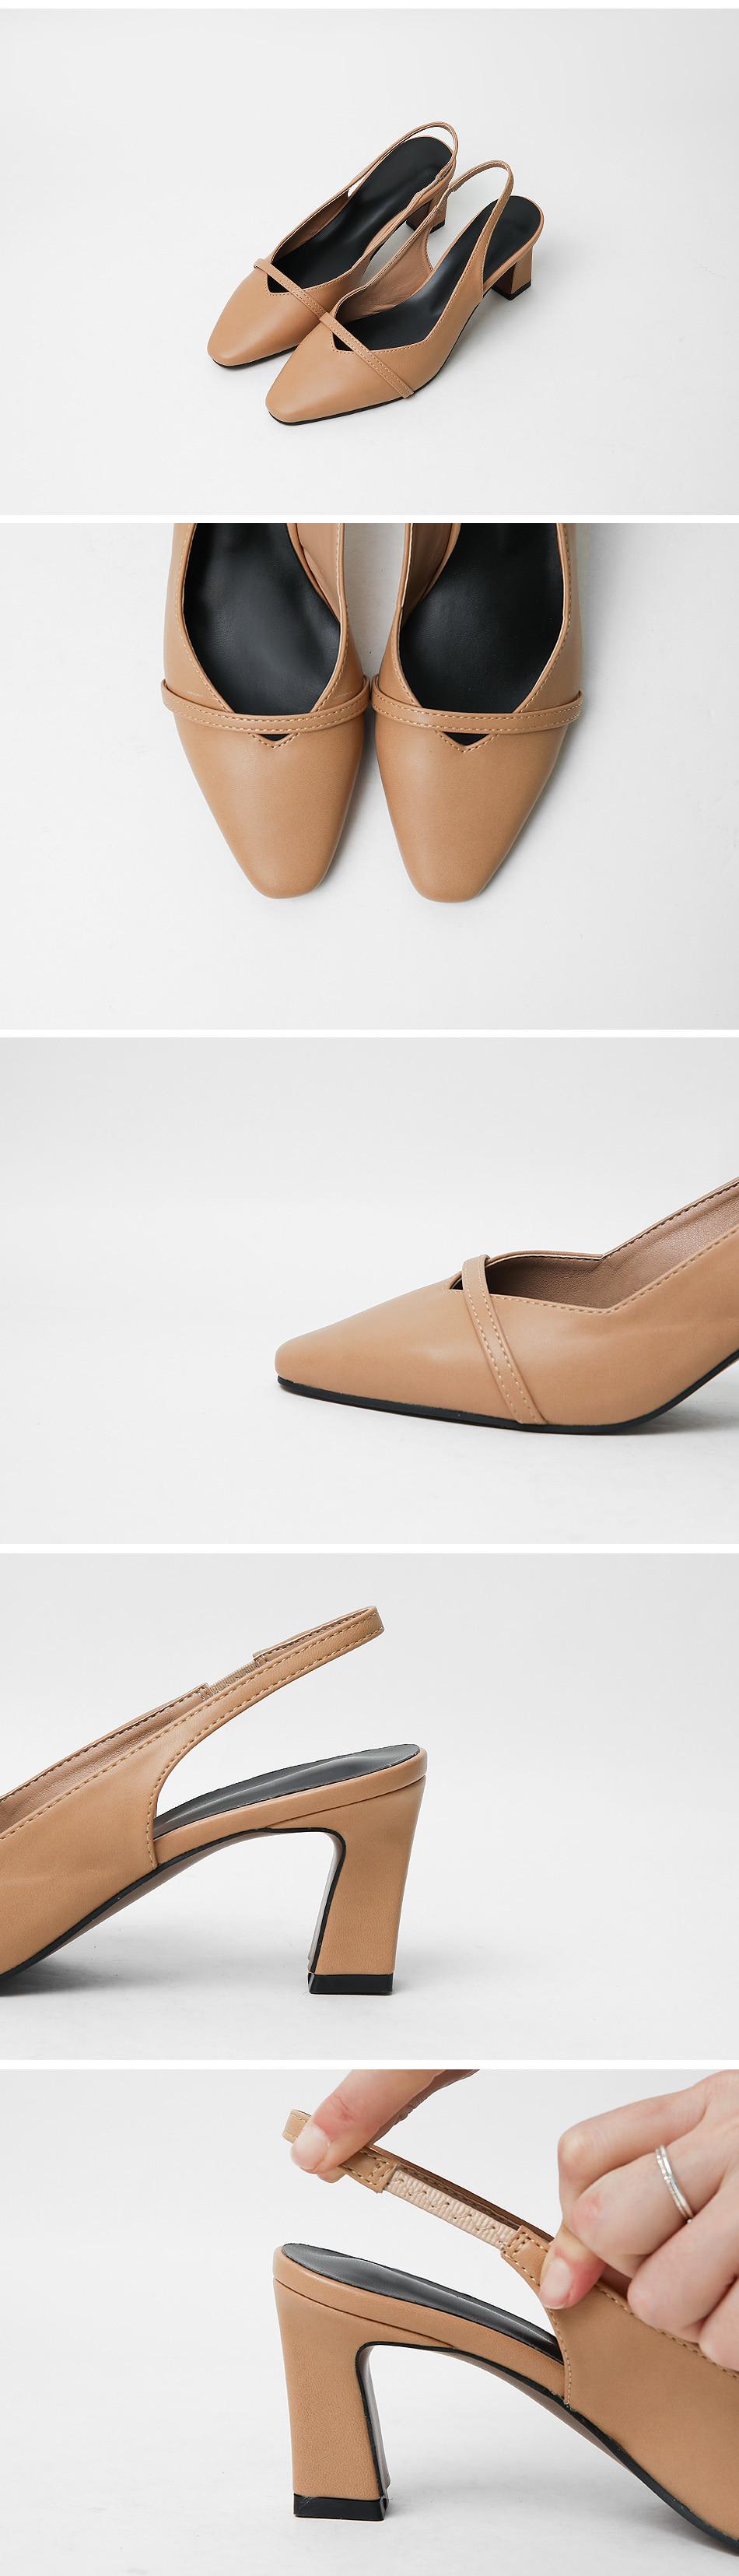 Abella Slingback Middle Heel Pumps 6cm